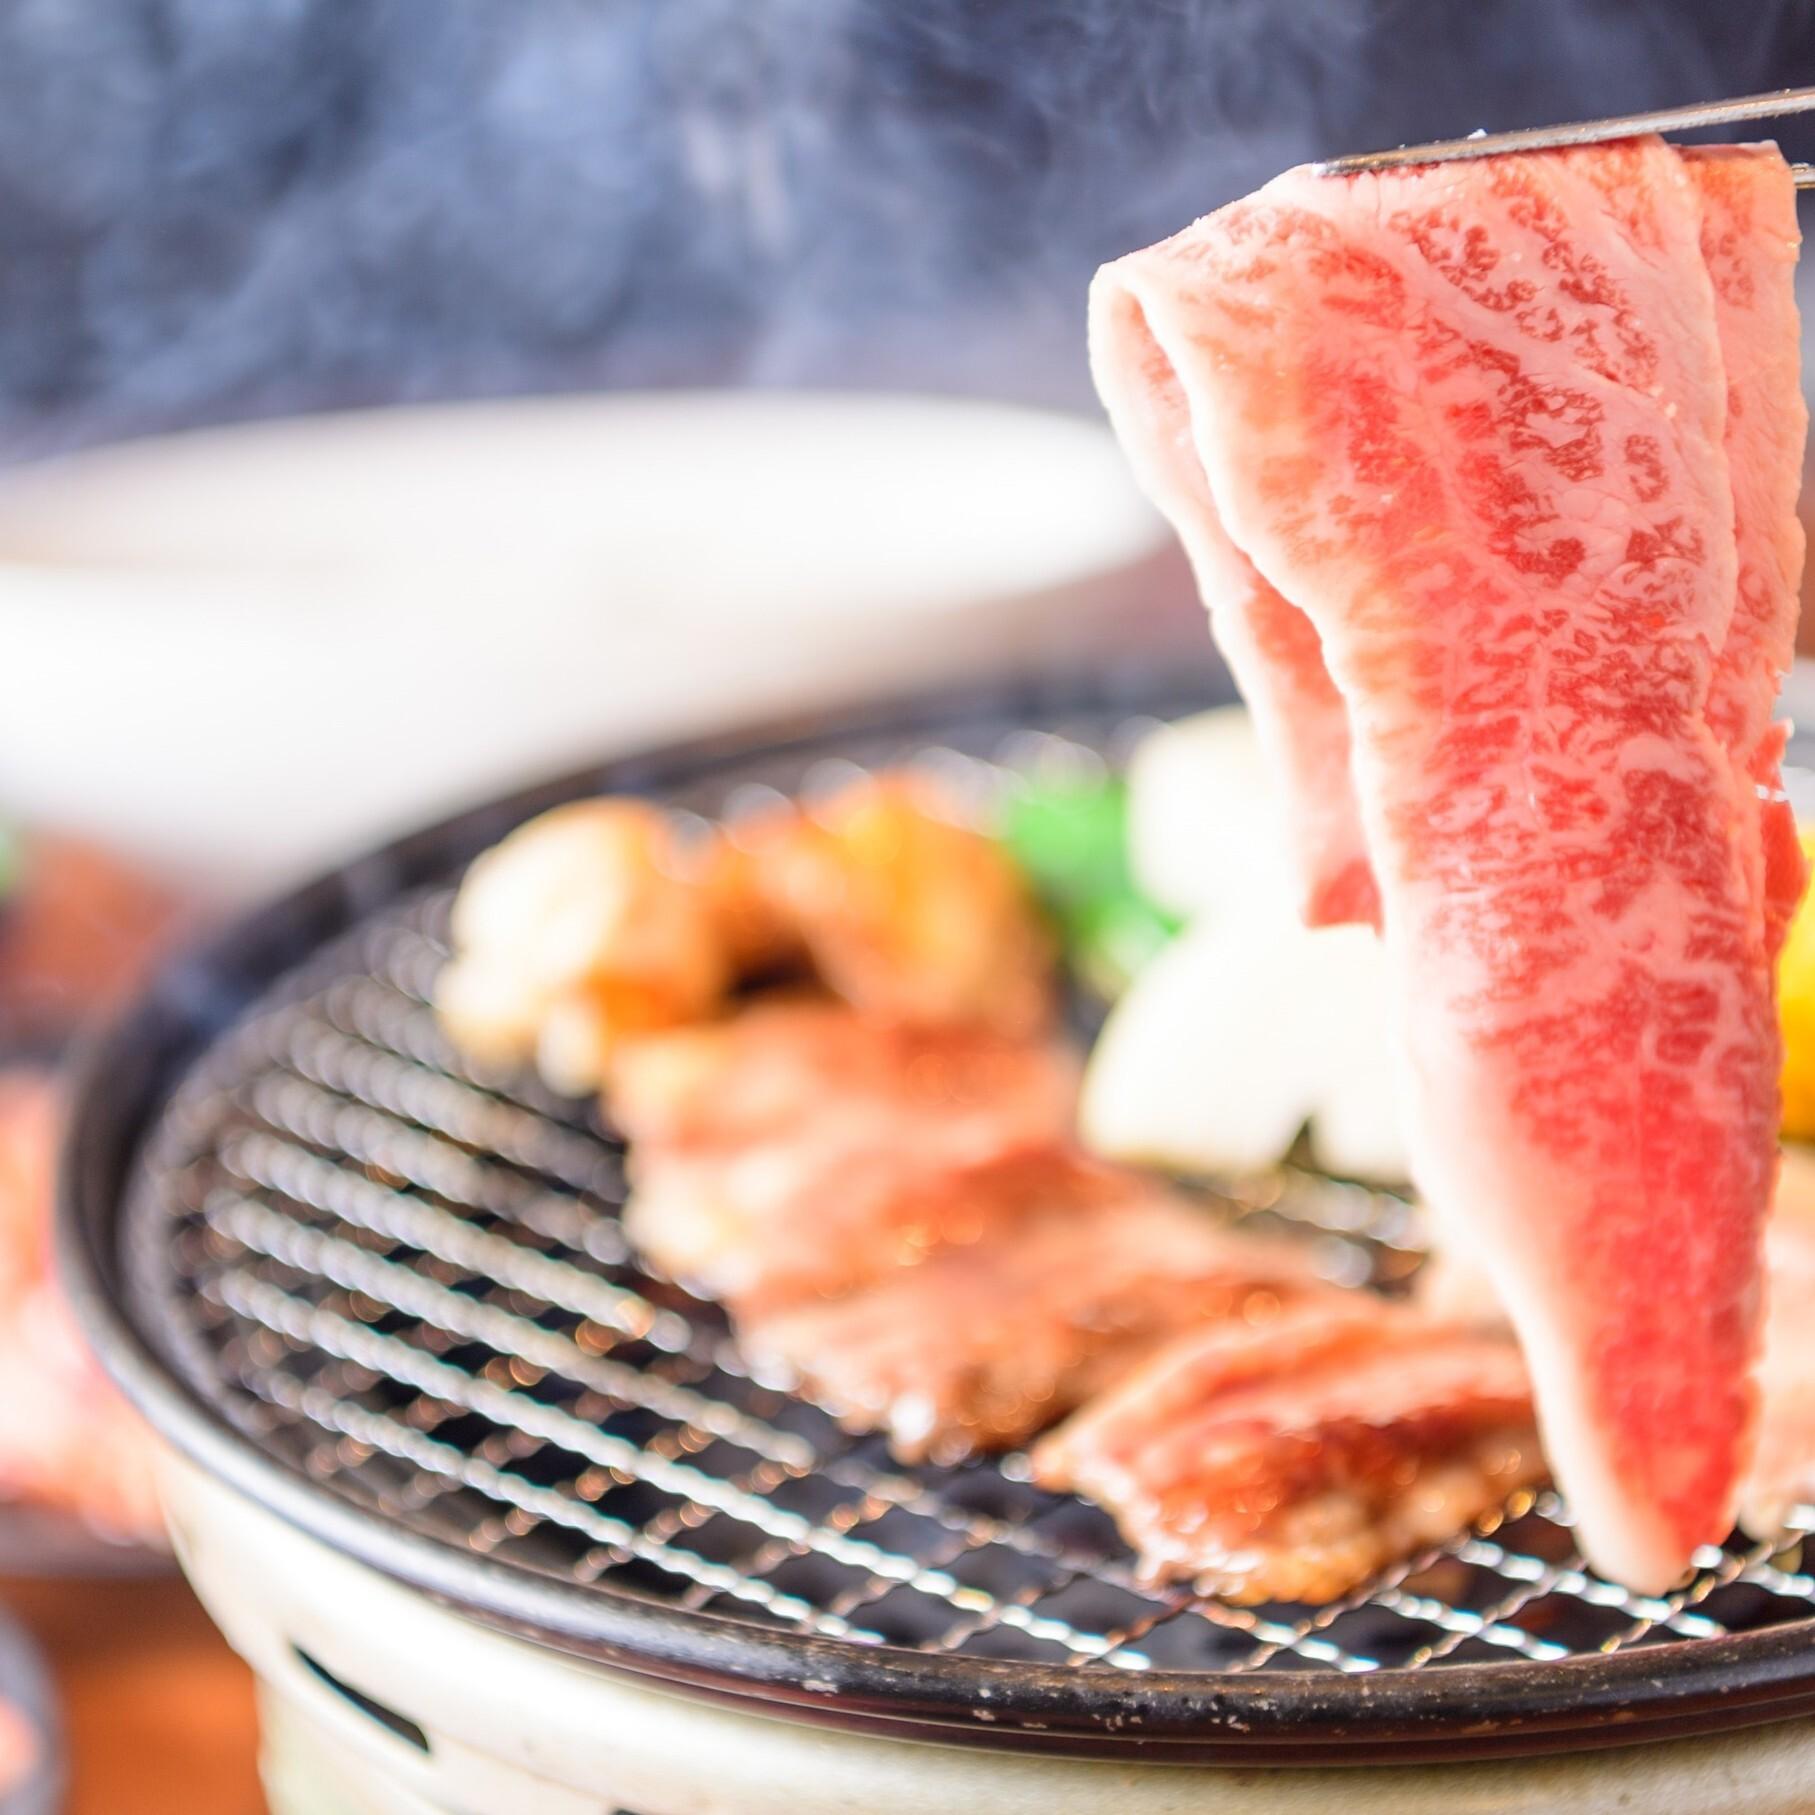 小倉で焼肉が食べ放題の【カルビ市場 小倉店】